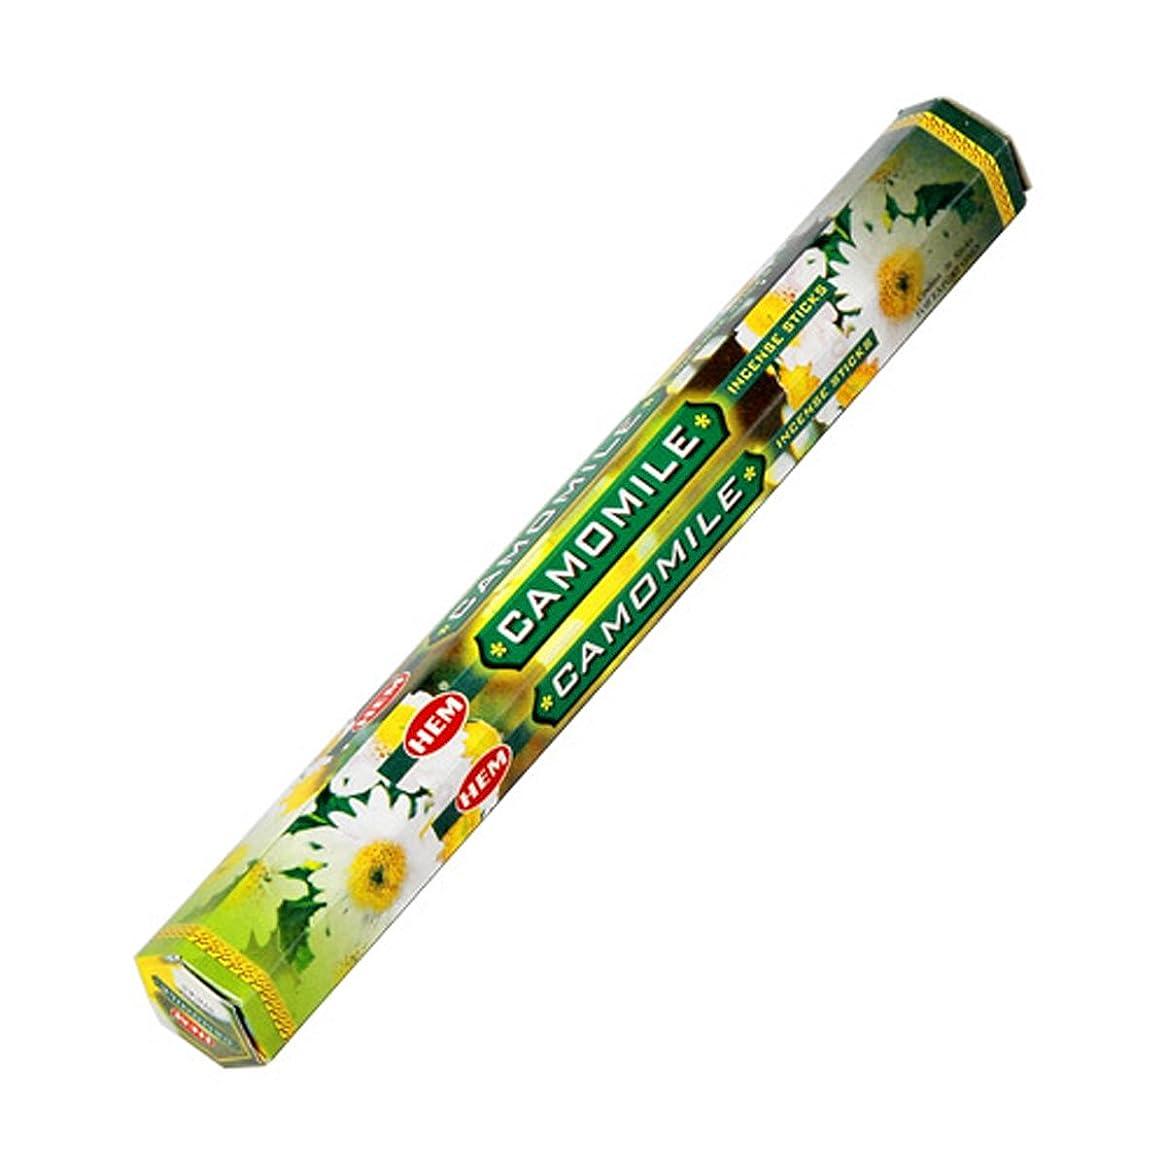 不愉快に持続的リングバックHEM(ヘム) カモミール CAMOMILE スティックタイプ お香 1筒 単品 [並行輸入品]